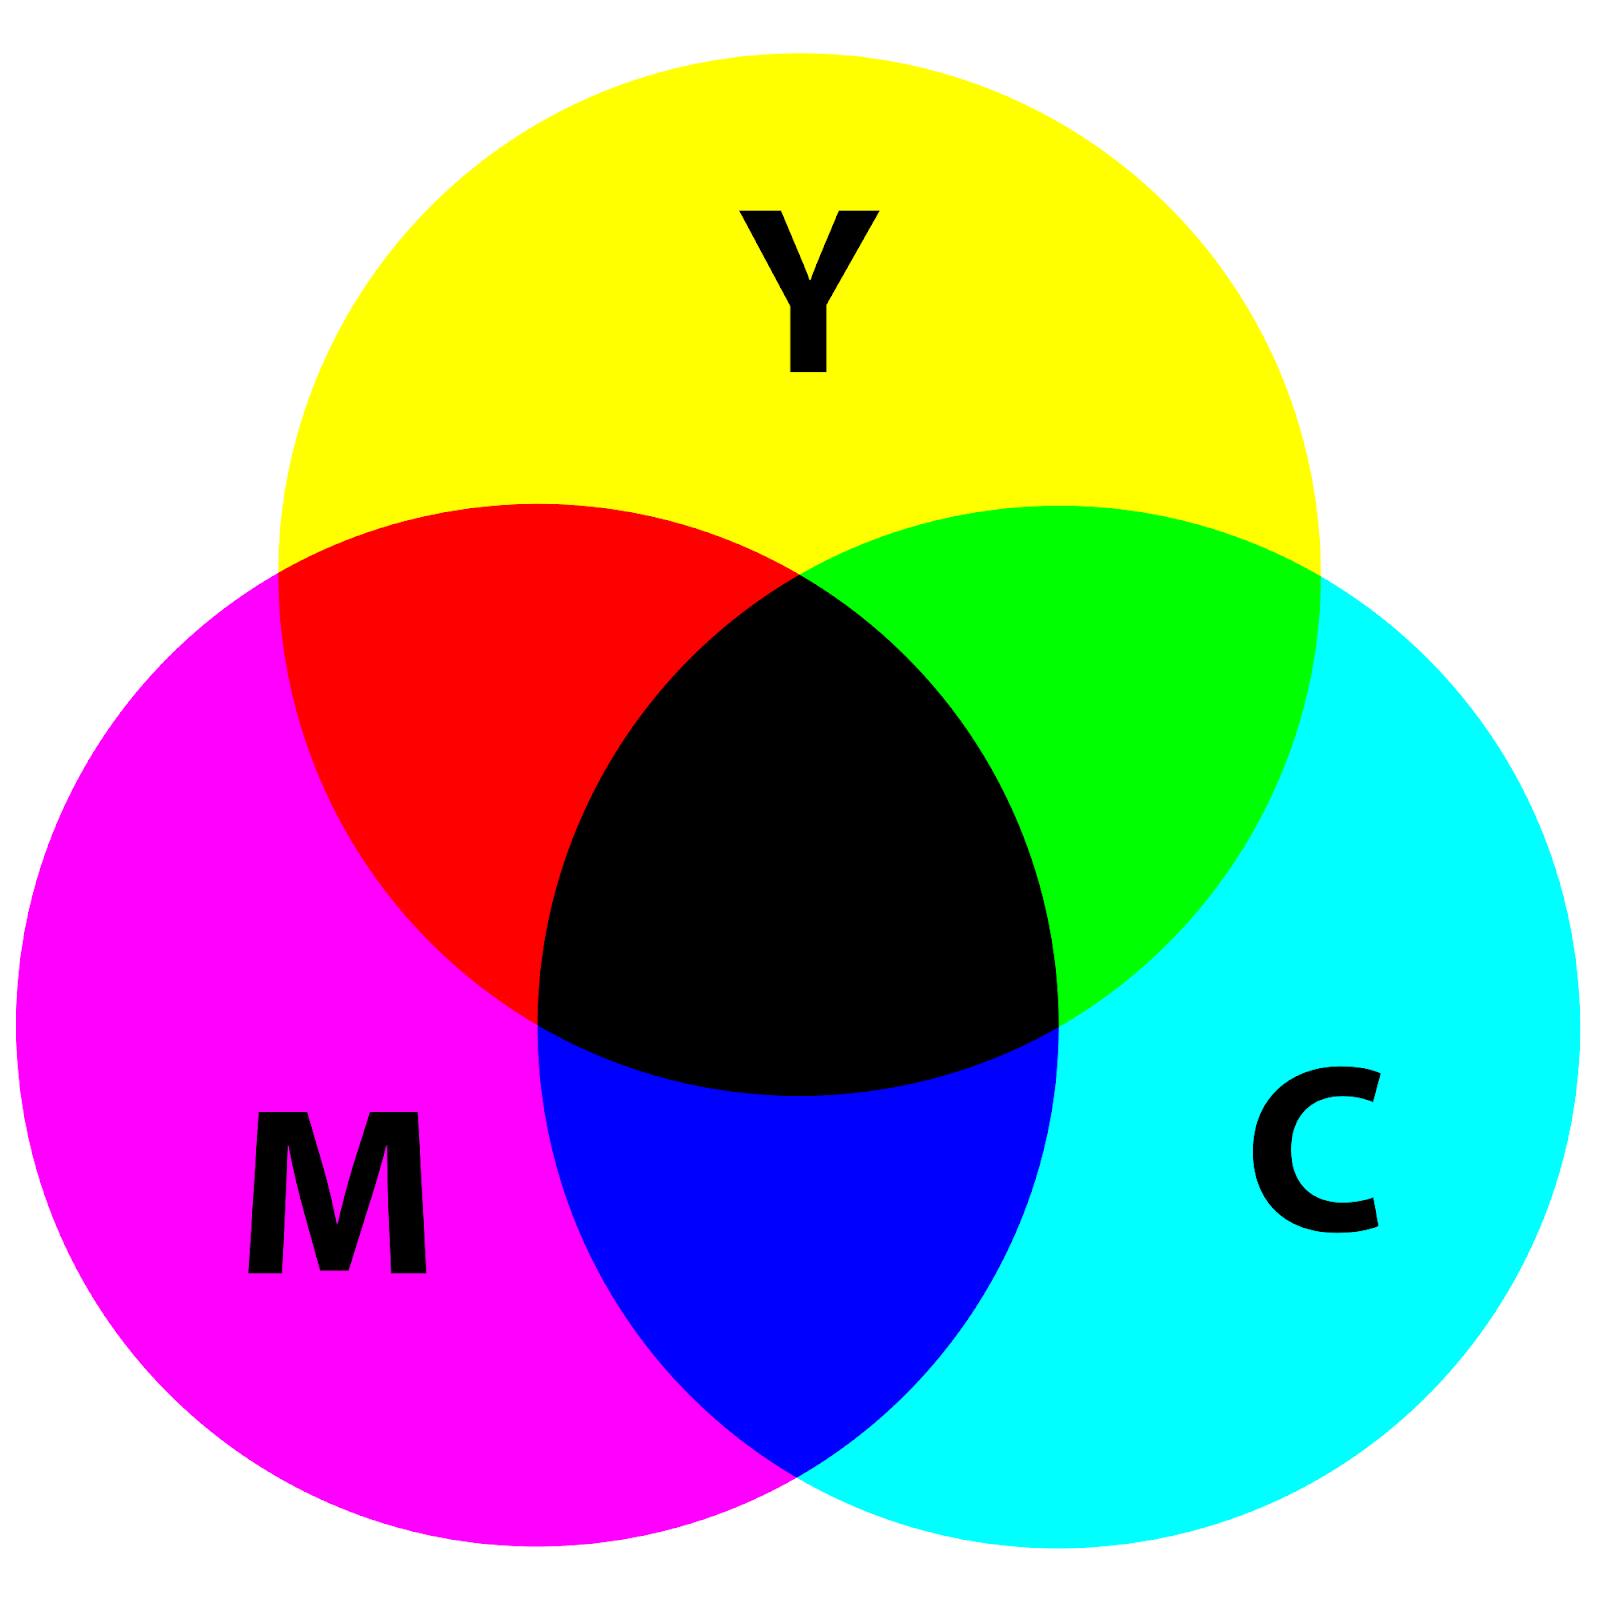 Nguyên tắc phối màu của CMYK như thế nào